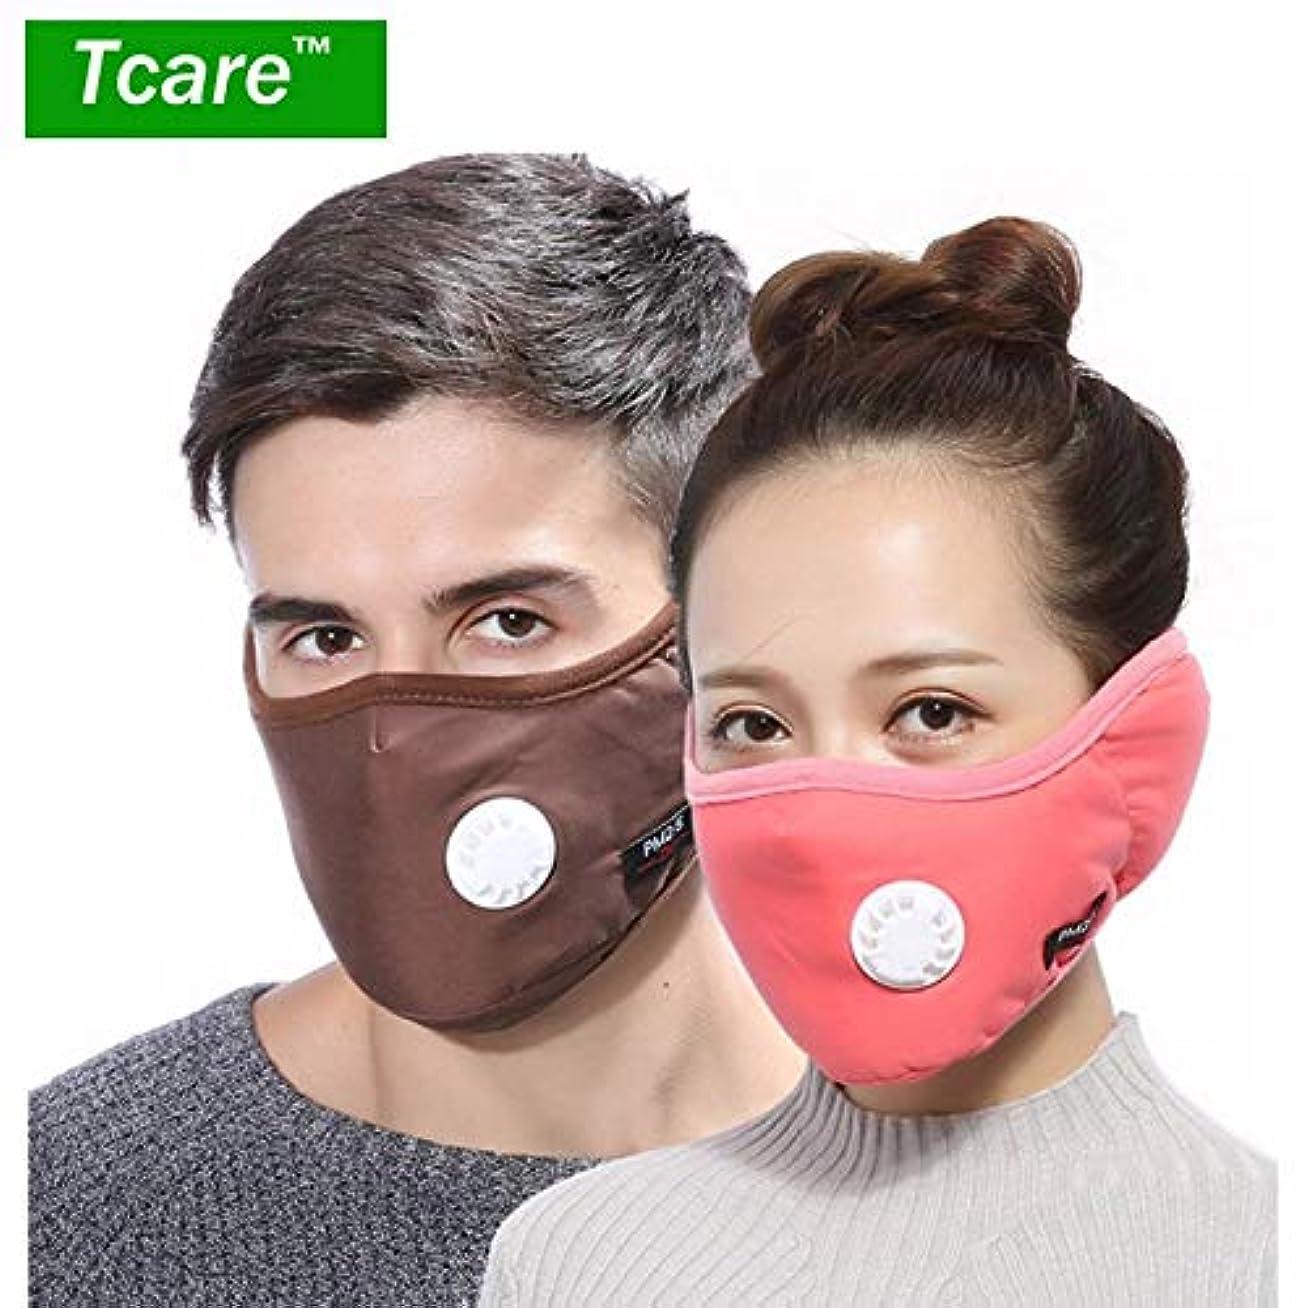 熟達セクション合計7グレー:1 PM2.5マスクバルブコットンアンチダスト口マスクの冬のイヤーマフActtedフィルター付マスクでTcare 2